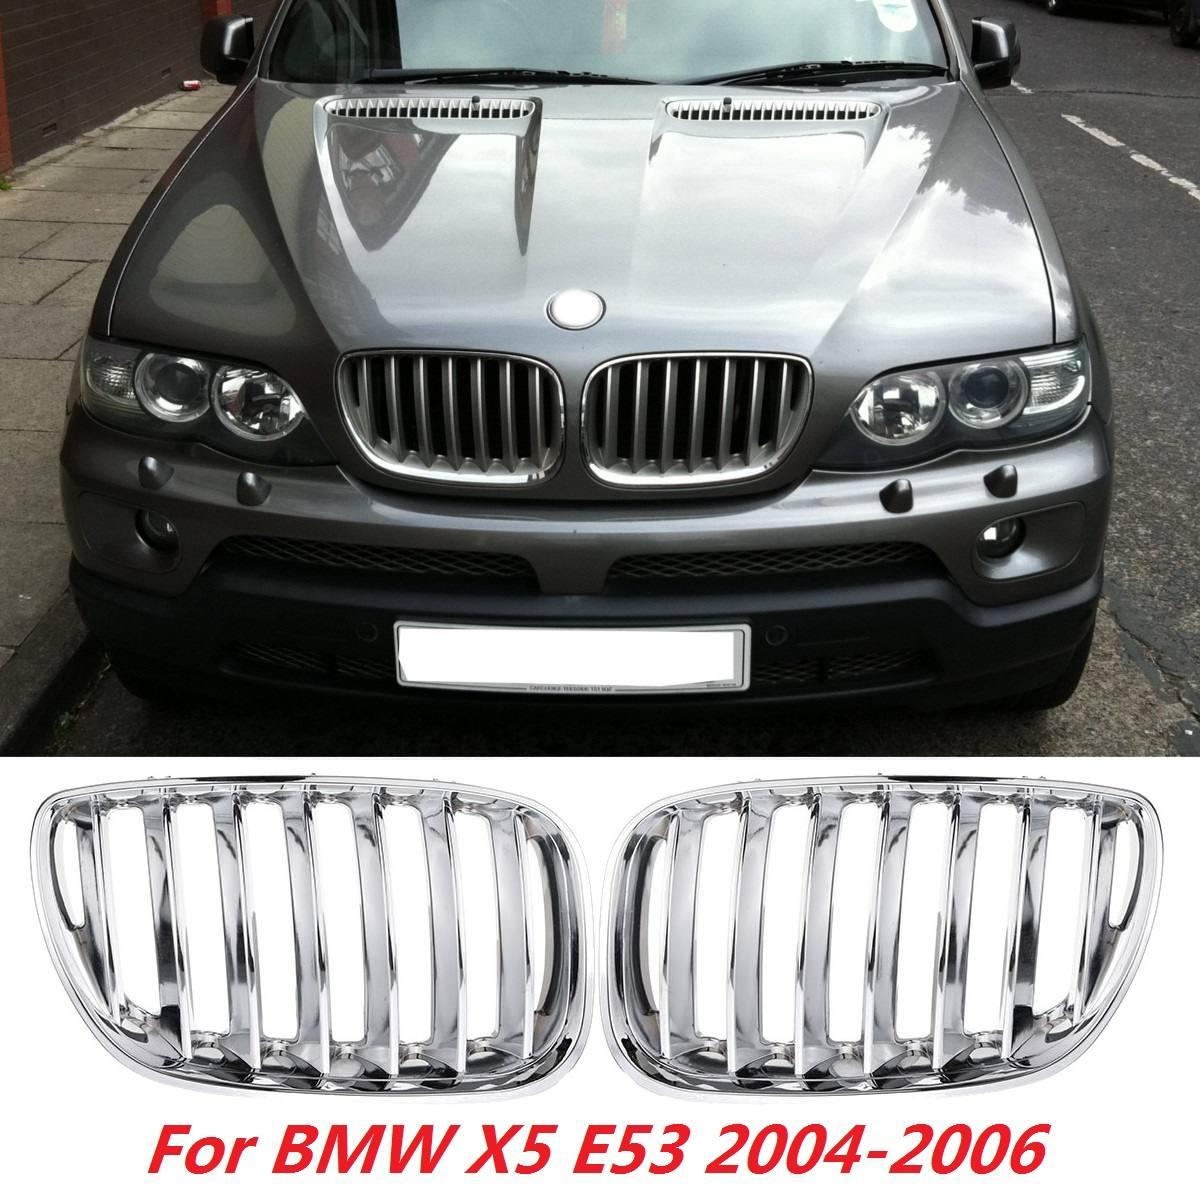 Pour BMW X5 E53 2004 2005 2006 paire Chrome capot avant rein grilles Grille pare-chocs avant calandre voiture style